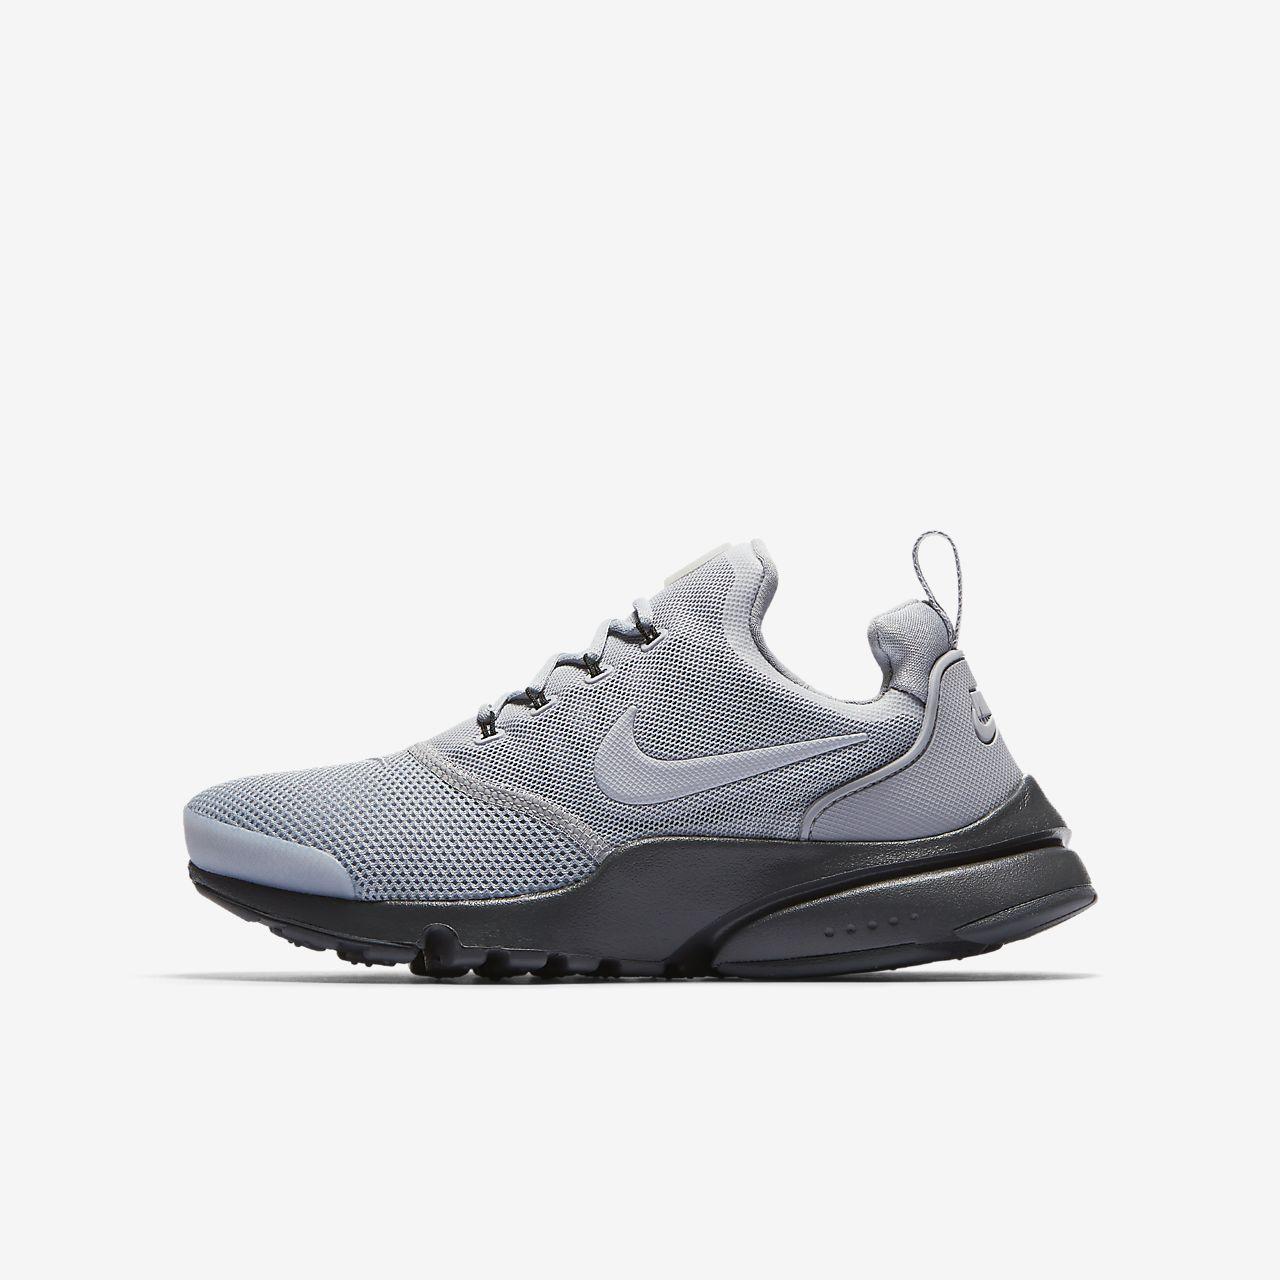 4c3123cdbadff Nike Presto Fly Kids